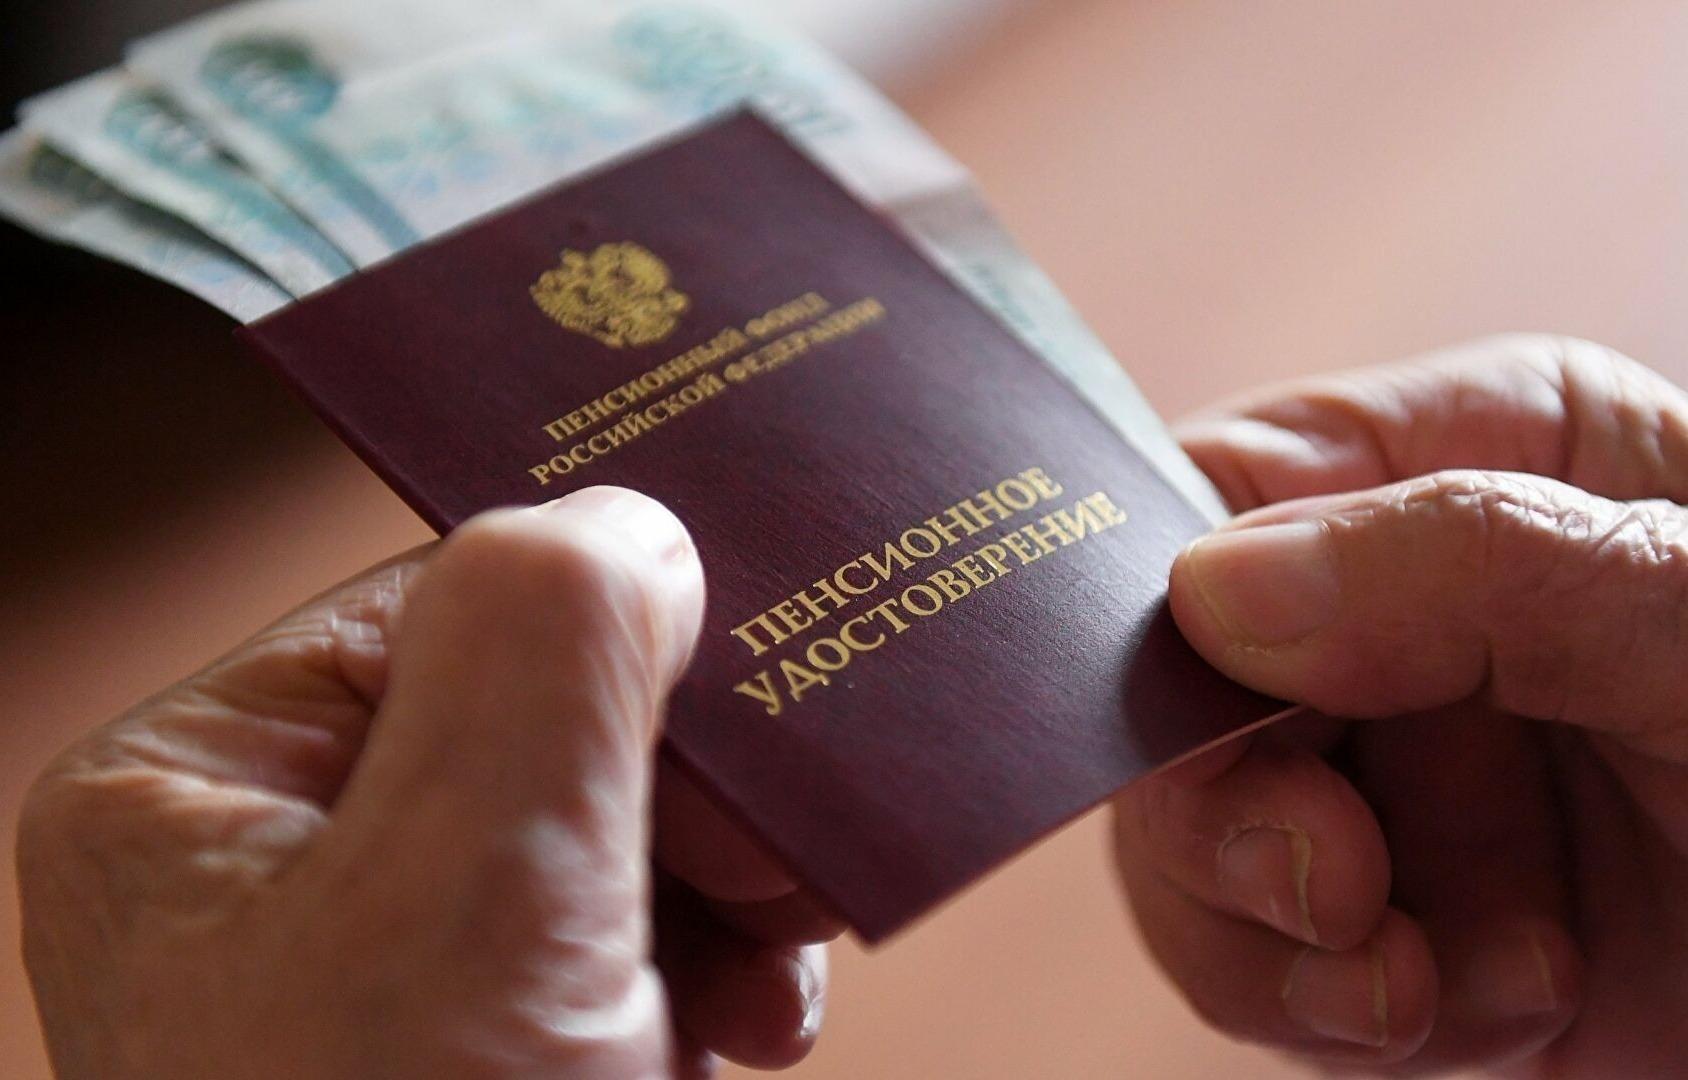 Пенсионное удостоверение с вложенными рублевыми купюрами в руках пенсионера